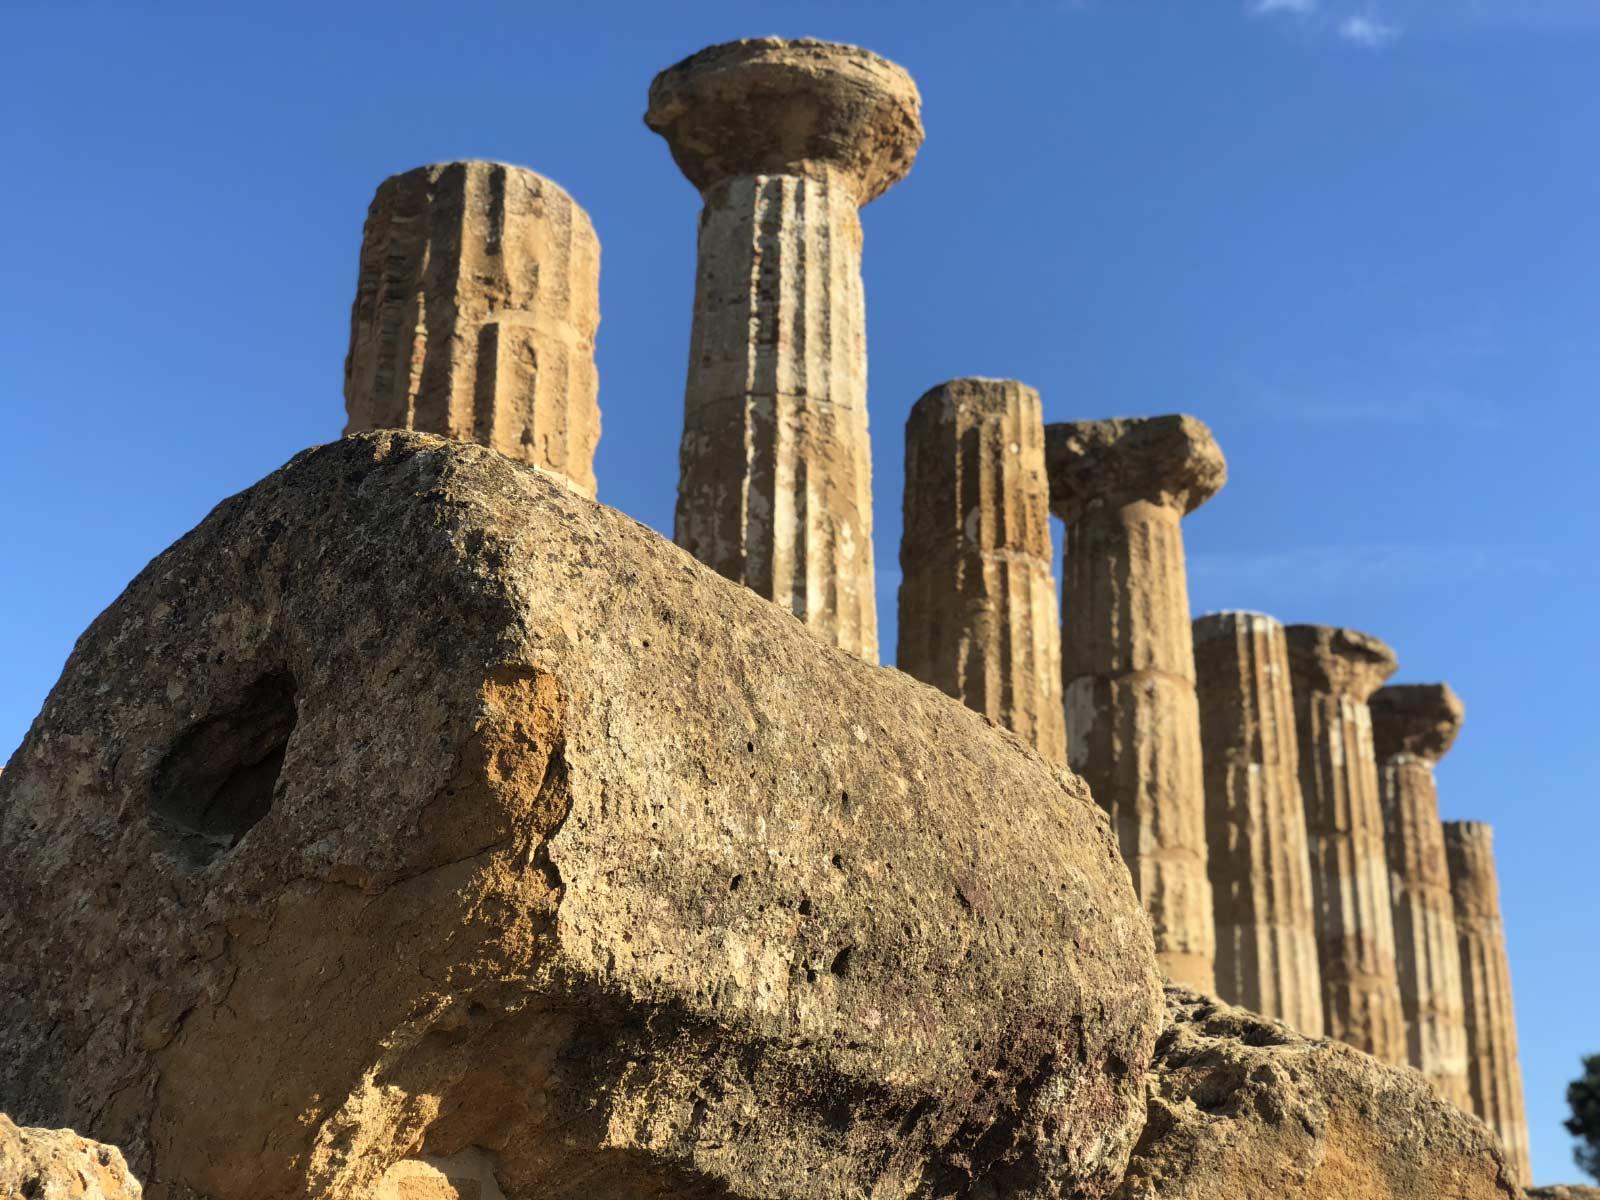 Le colonne del tempio di Ercole con il cielo azzurro sullo sfondo